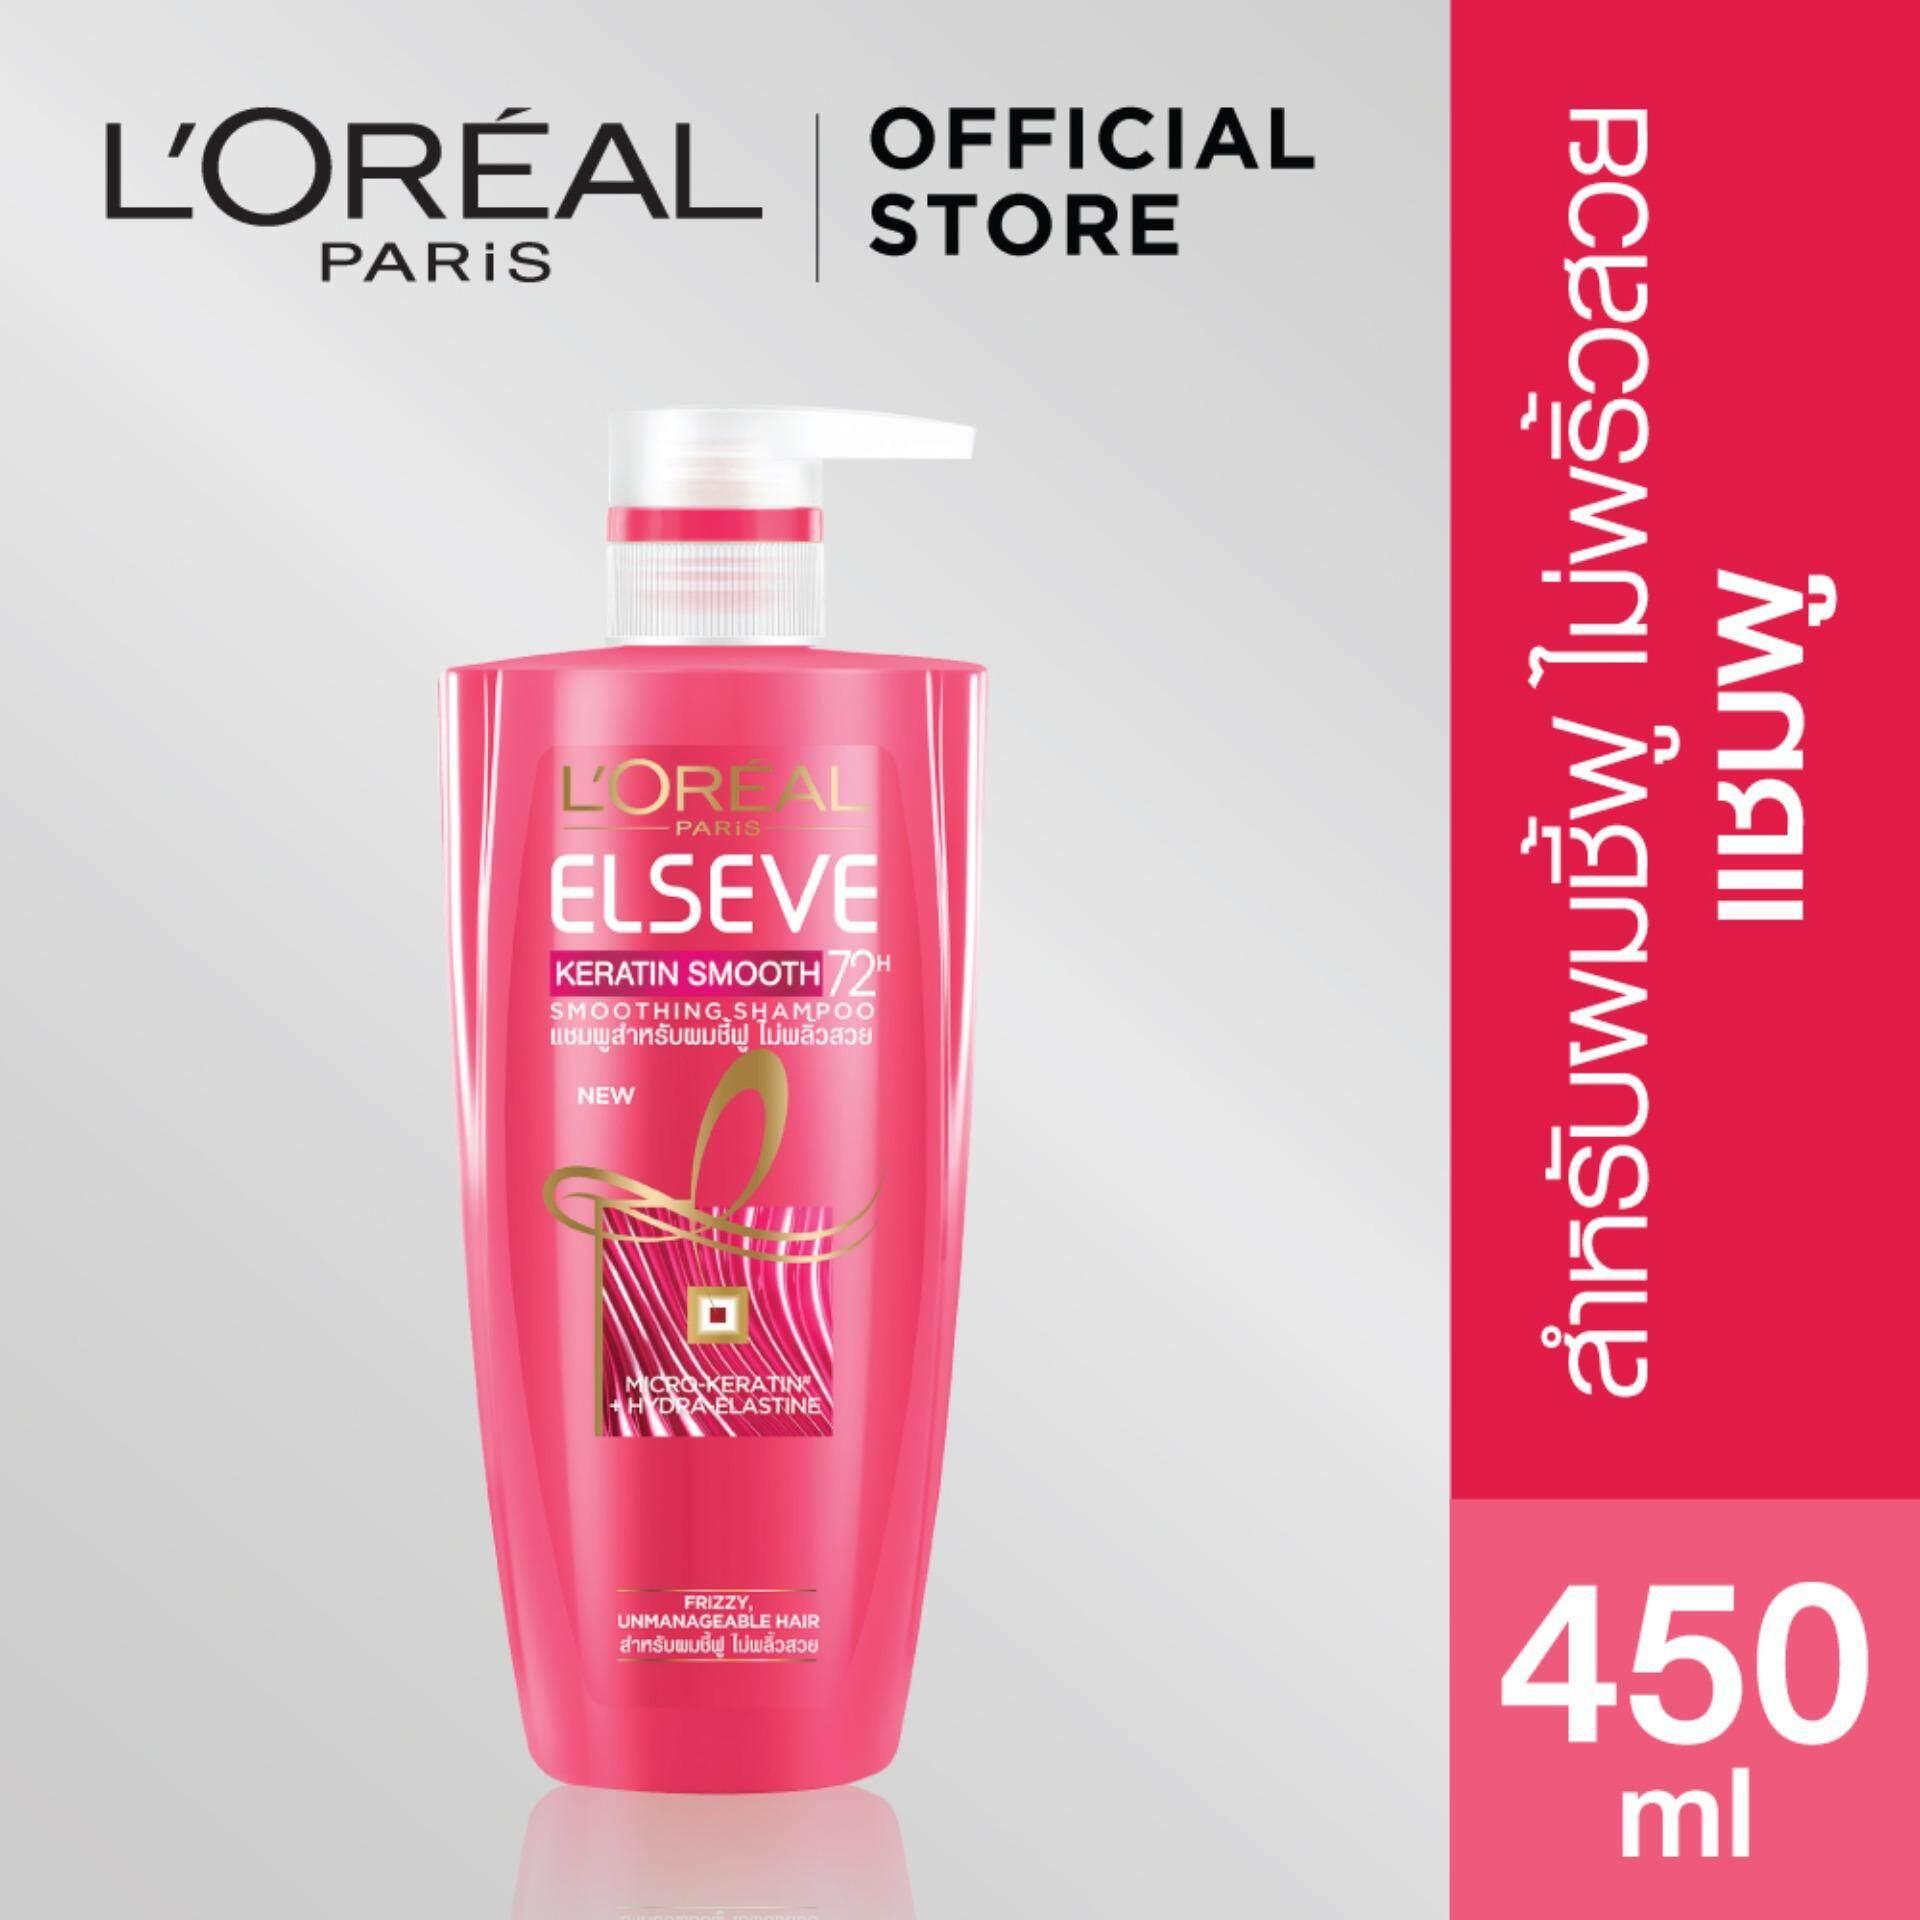 ลอรีอัล ปารีส เอลแซฟ เคราติน สมูท เพอร์เฟคท์ติ้ง แชมพูสำหรับผมชี้ฟูไม่มีน้ำหนัก 450 มล. Loreal Paris Elseve Keratin Smooth 72h* Perfacting Shampoo 450 Ml (แชมพู, ครีมนวดผม, สระผม, บำรุงผม) By L'oreal Paris(thailand).